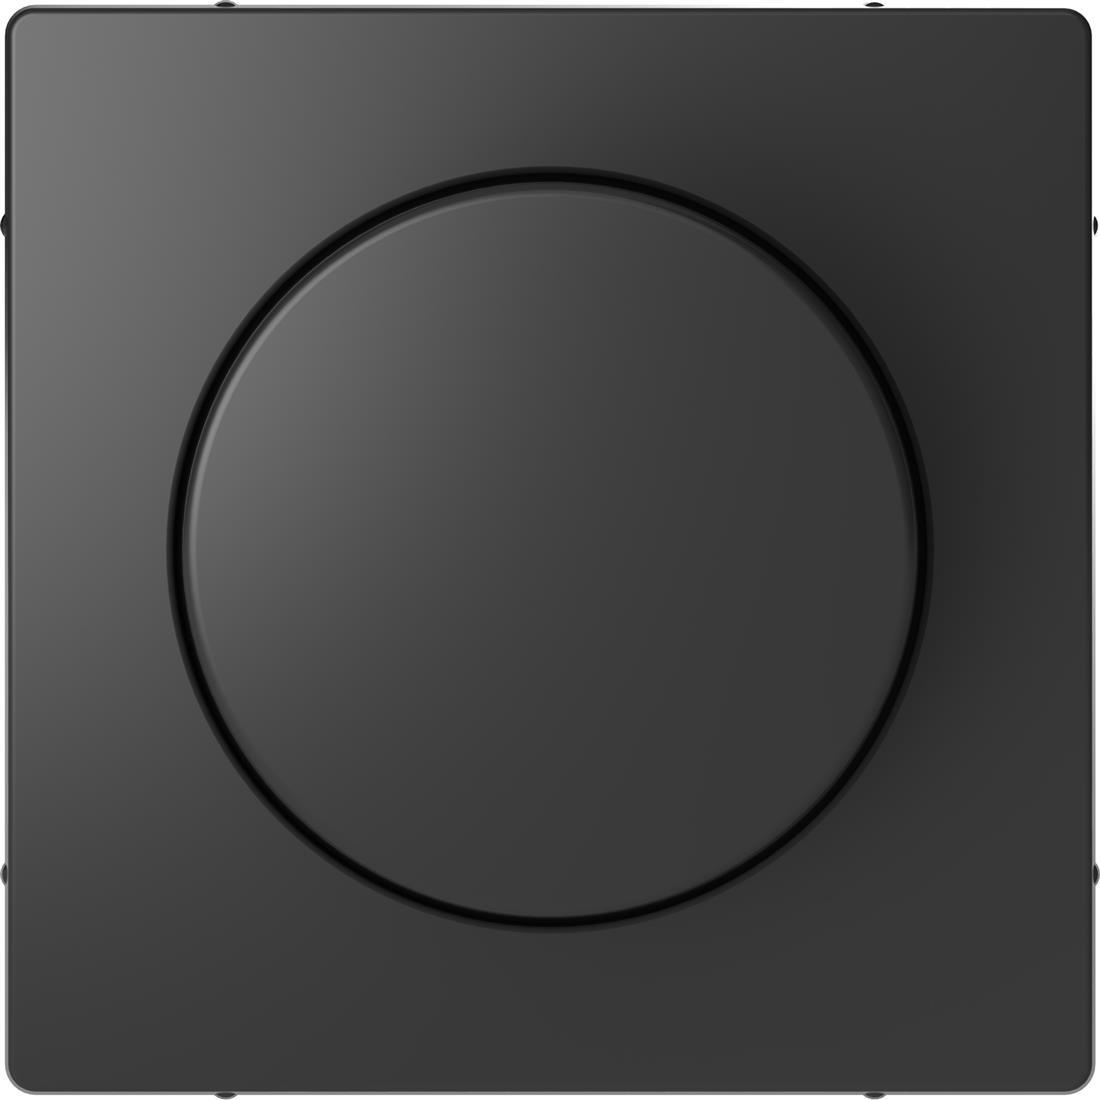 Schneider-Merten D Life centraalplaat met draaiknop - antraciet (MTN5250-6034)